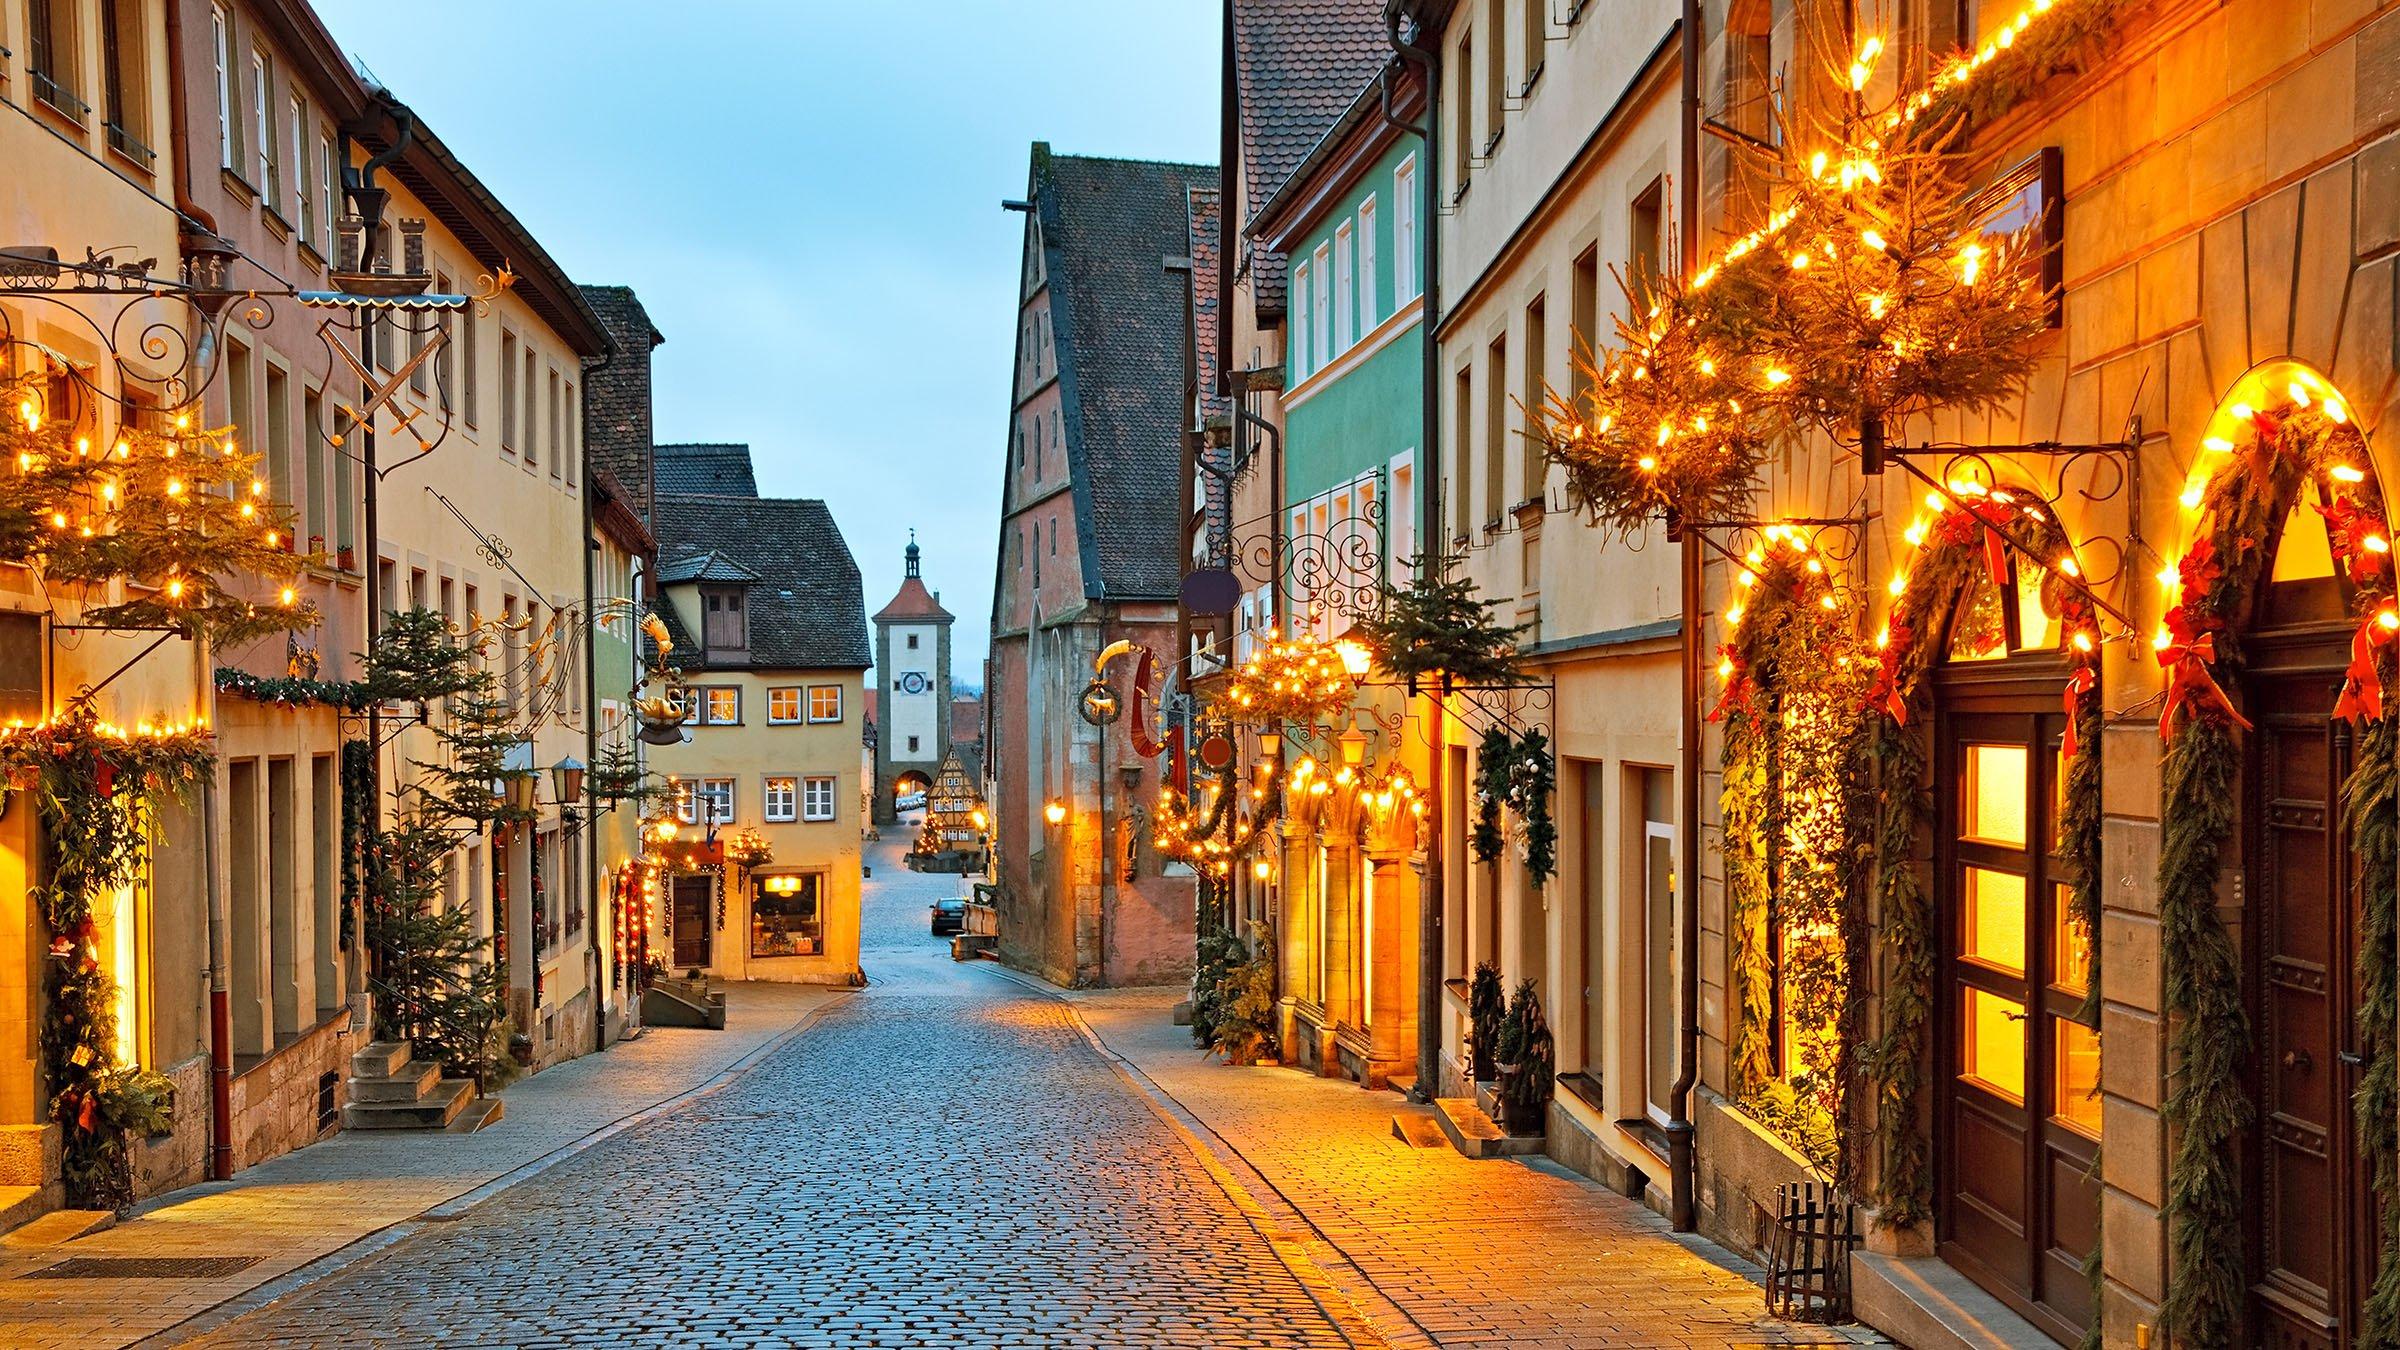 Navidad en alemania gallery - Navidades en alemania ...